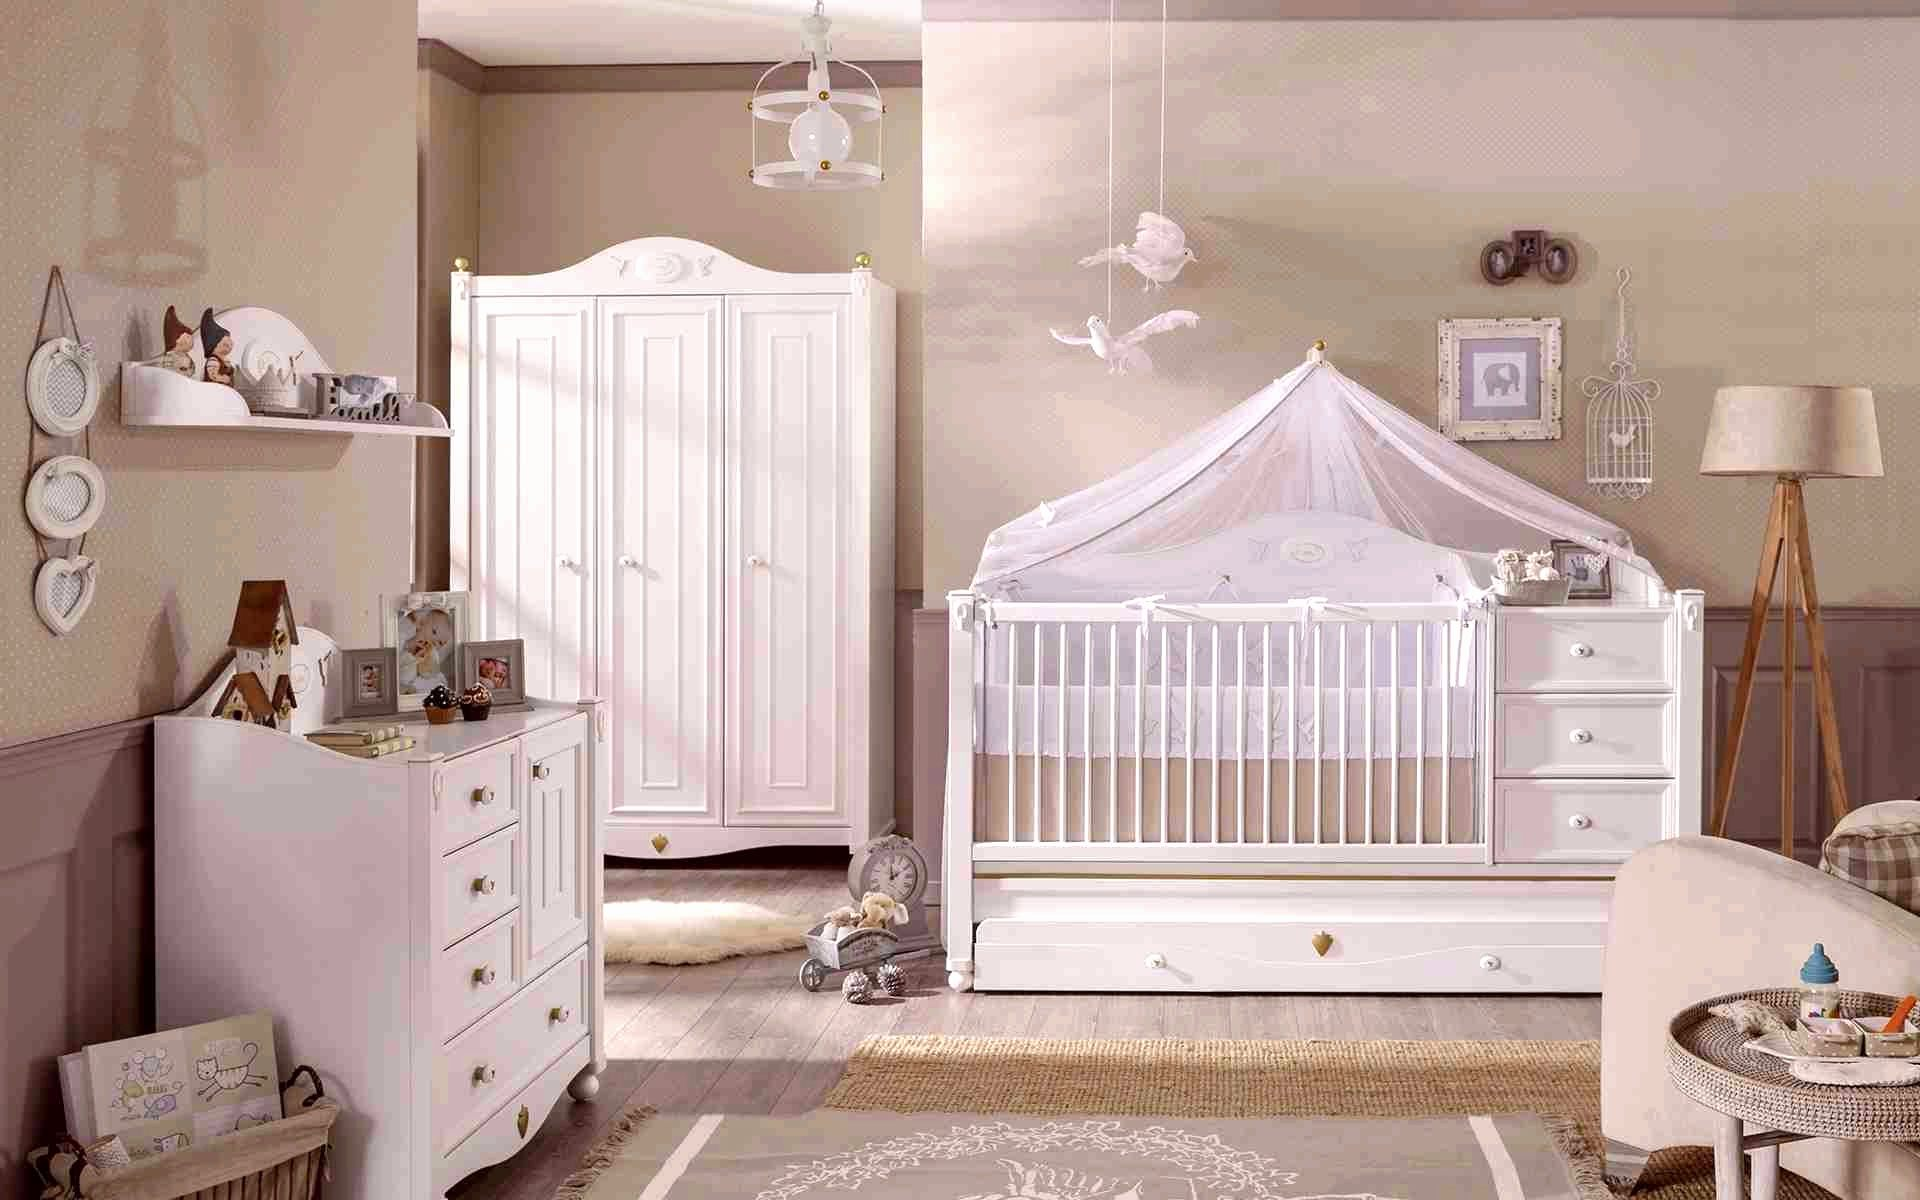 Lit Superposé Pour Bébé Beau Cuisine Pour Bébé Lovely Lit Ikea Bebe